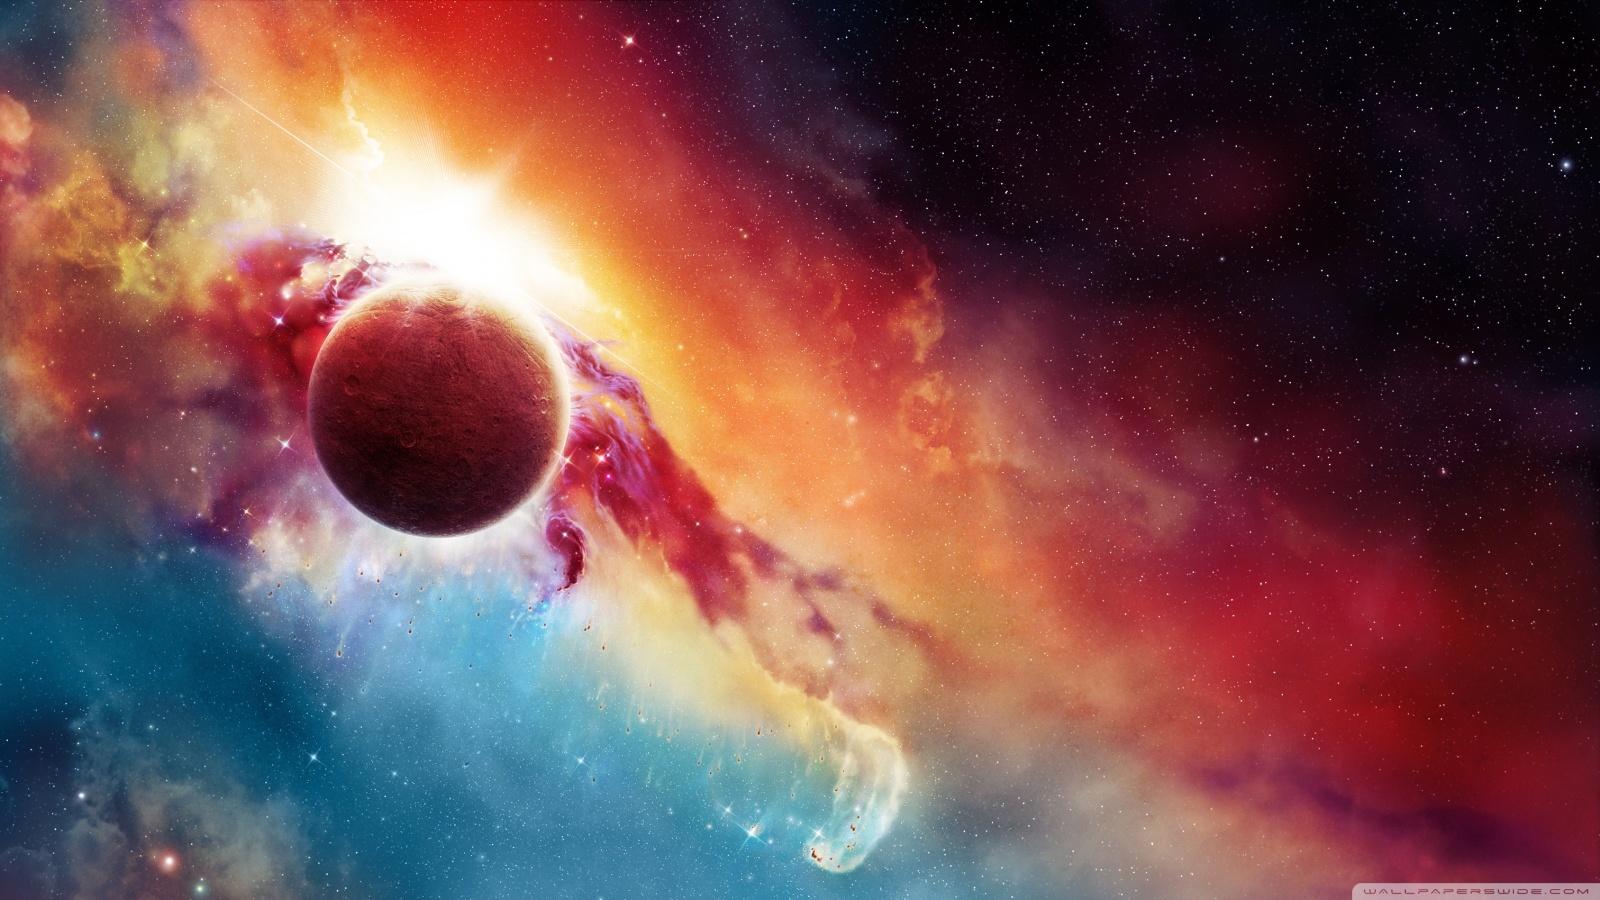 16565 скачать обои Пейзаж, Фон, Планеты, Космос, Звезды - заставки и картинки бесплатно